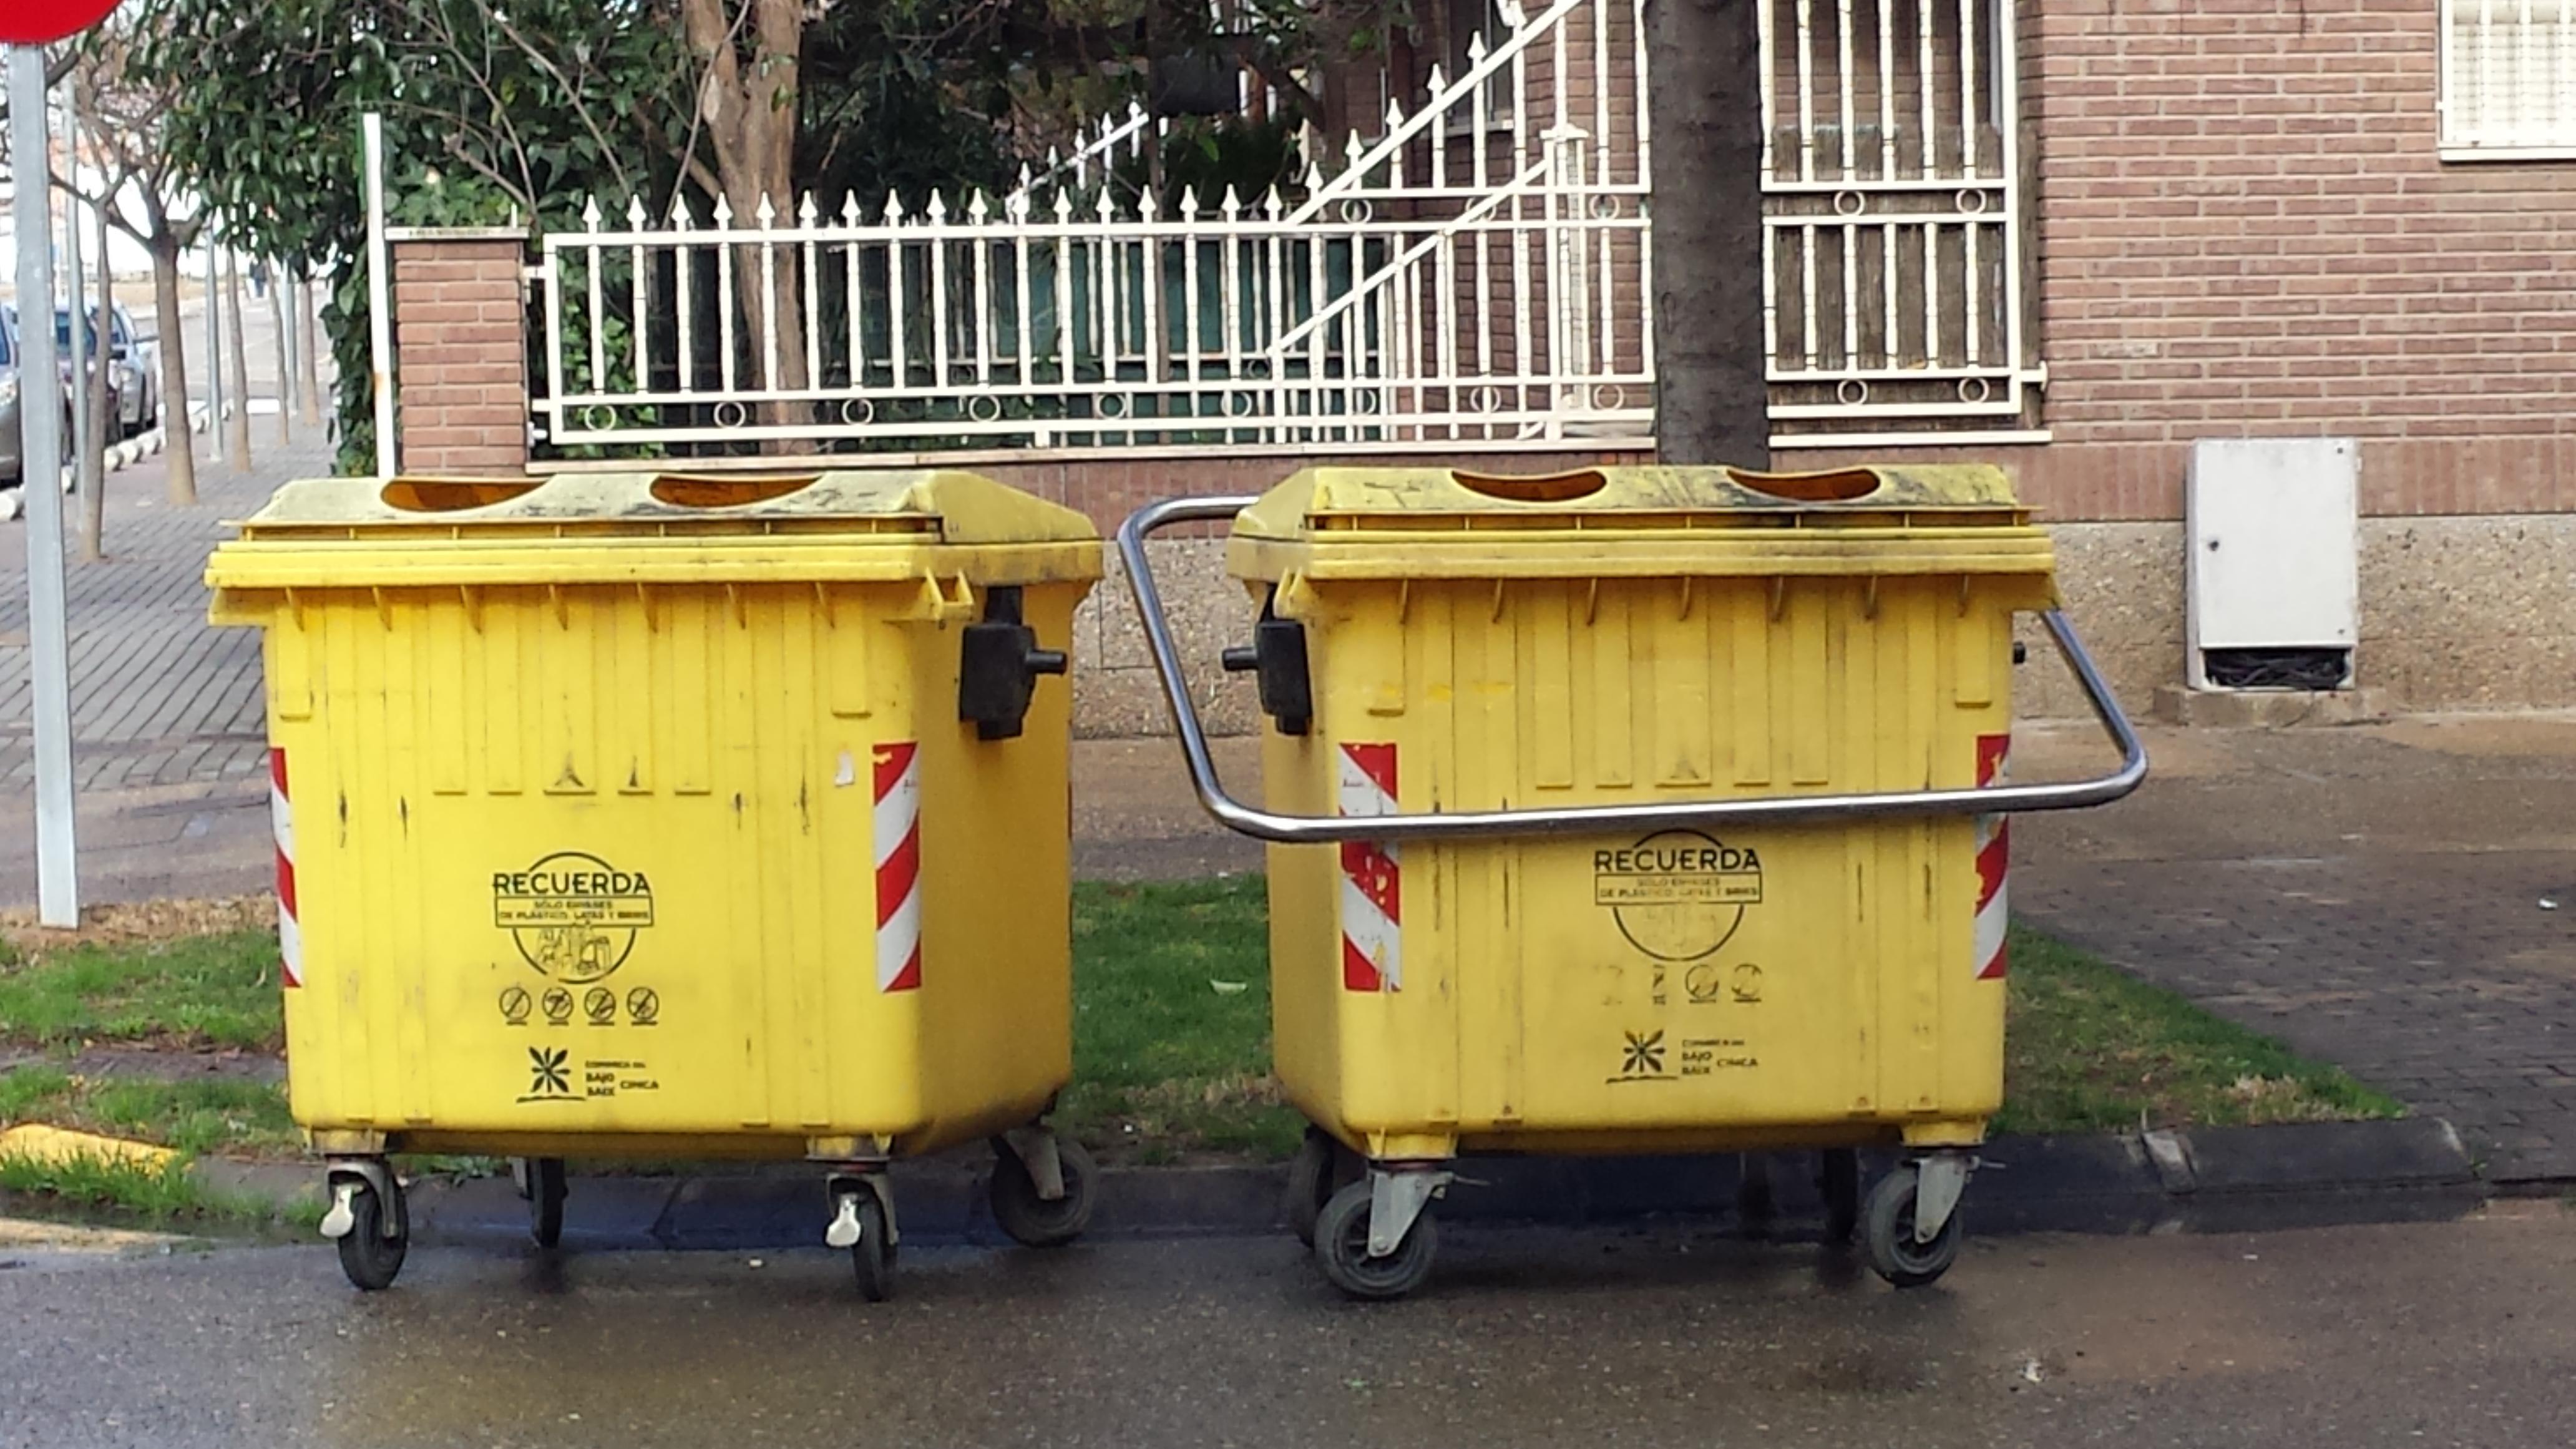 Solicitamos a la Comarca del Baix Cinca información sobre la periodicidad de la limpieza de los contenedores de reciclaje de plástico y vidrio en Fraga